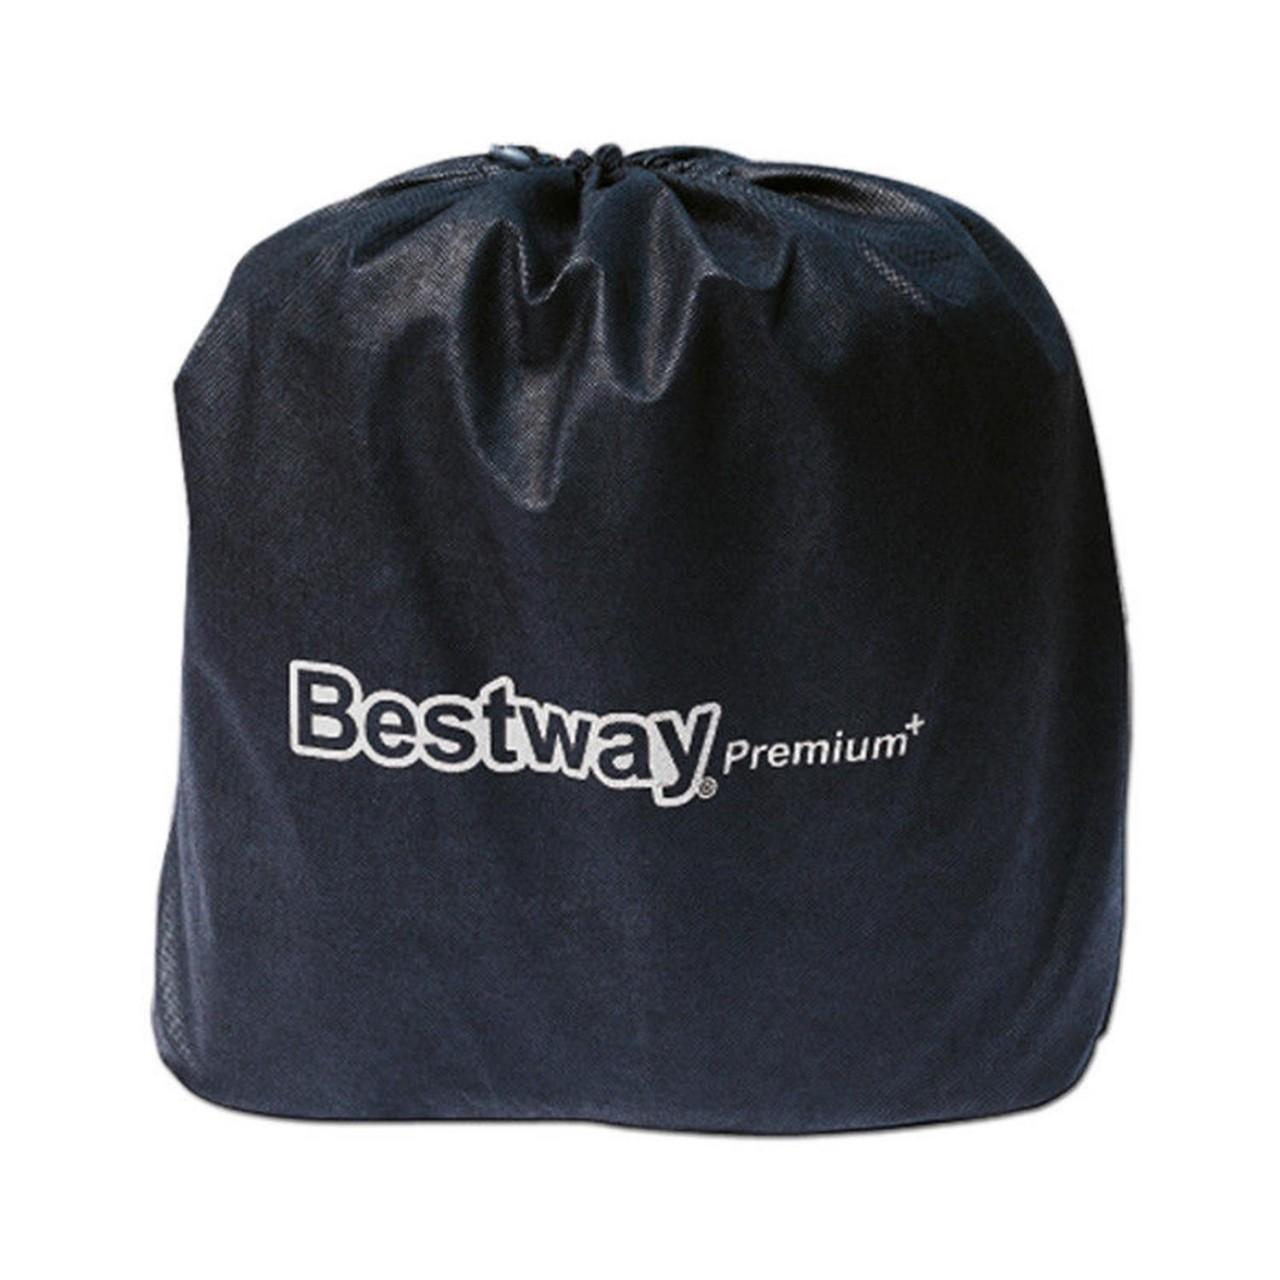 Bestway Luftbett mit Pumpe Gästebett Luftmatratze 191x97x46cm selbstaufblasend